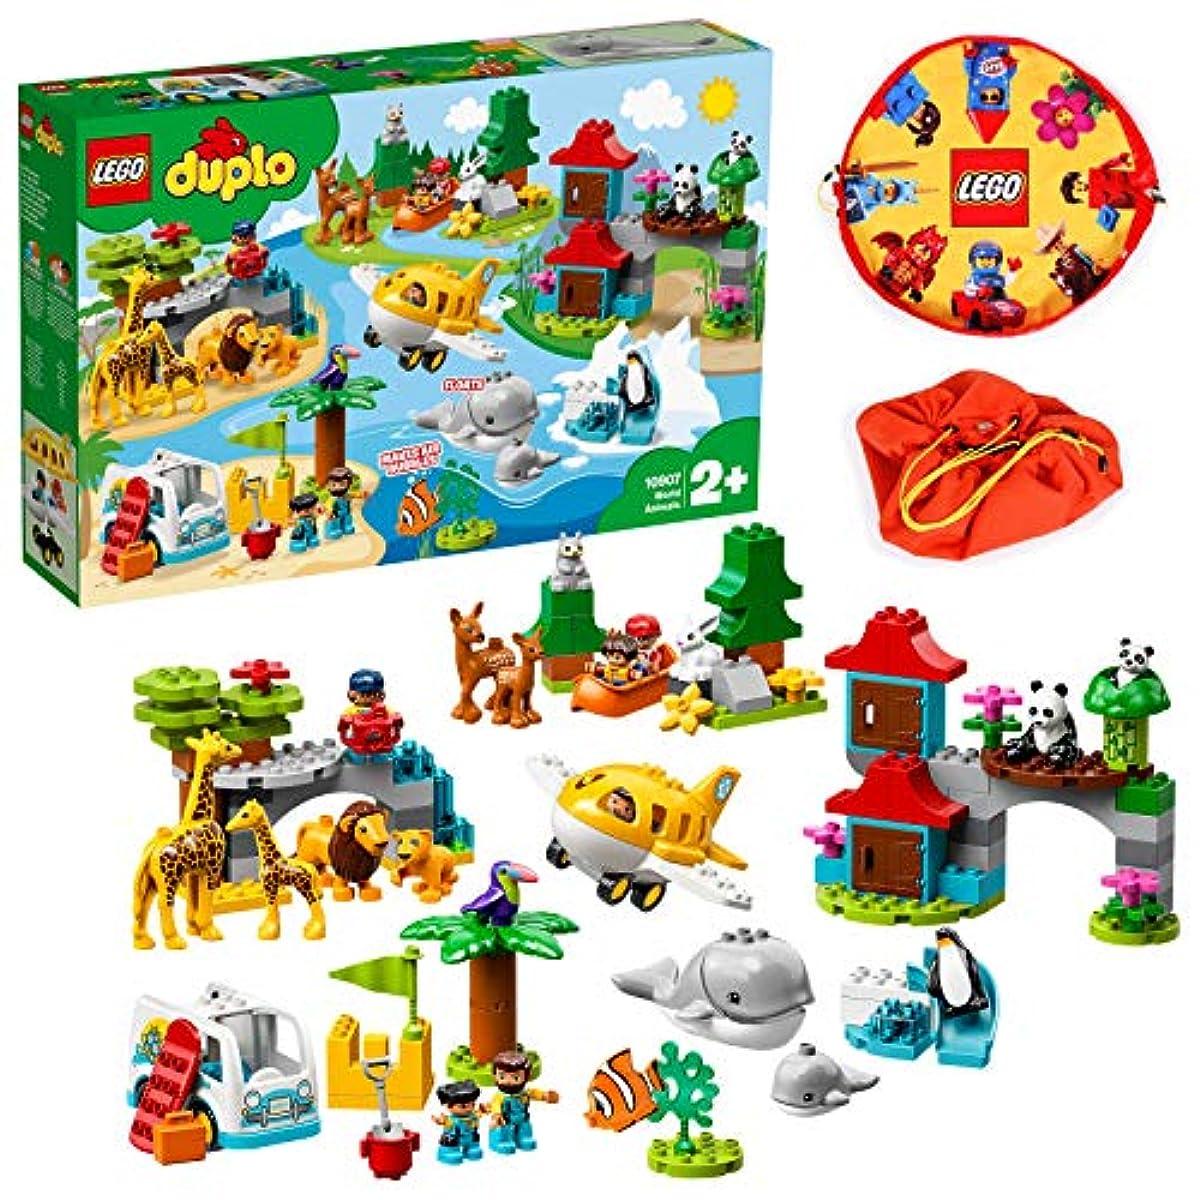 [해외] LEGO 듀플로 세계의 동물 세계일주 탐험&레고 플레이 매트 스페셜 세트